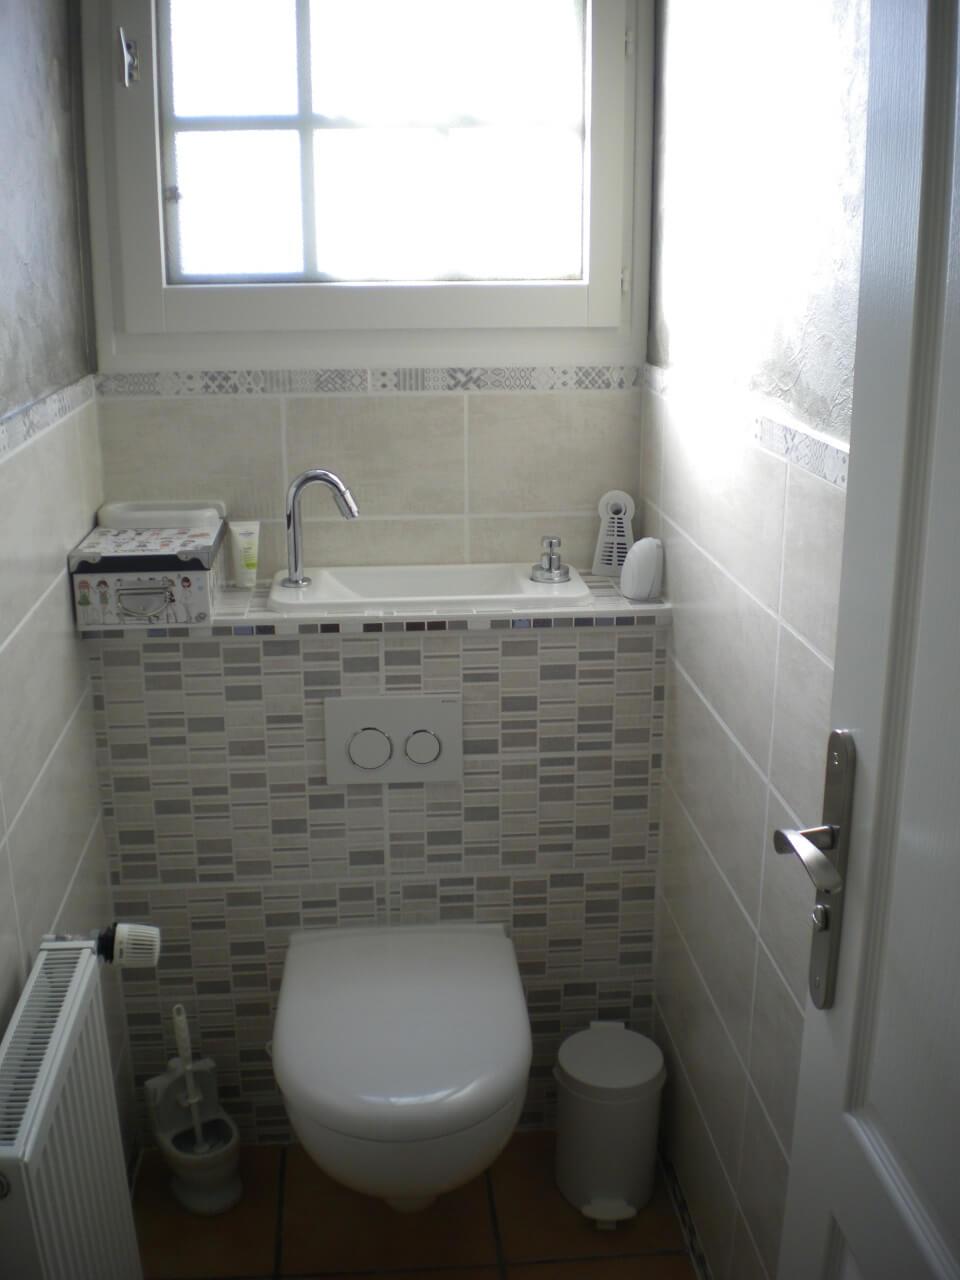 WC Suspendu Avec Lave mains Compact Galerie WiCi Next